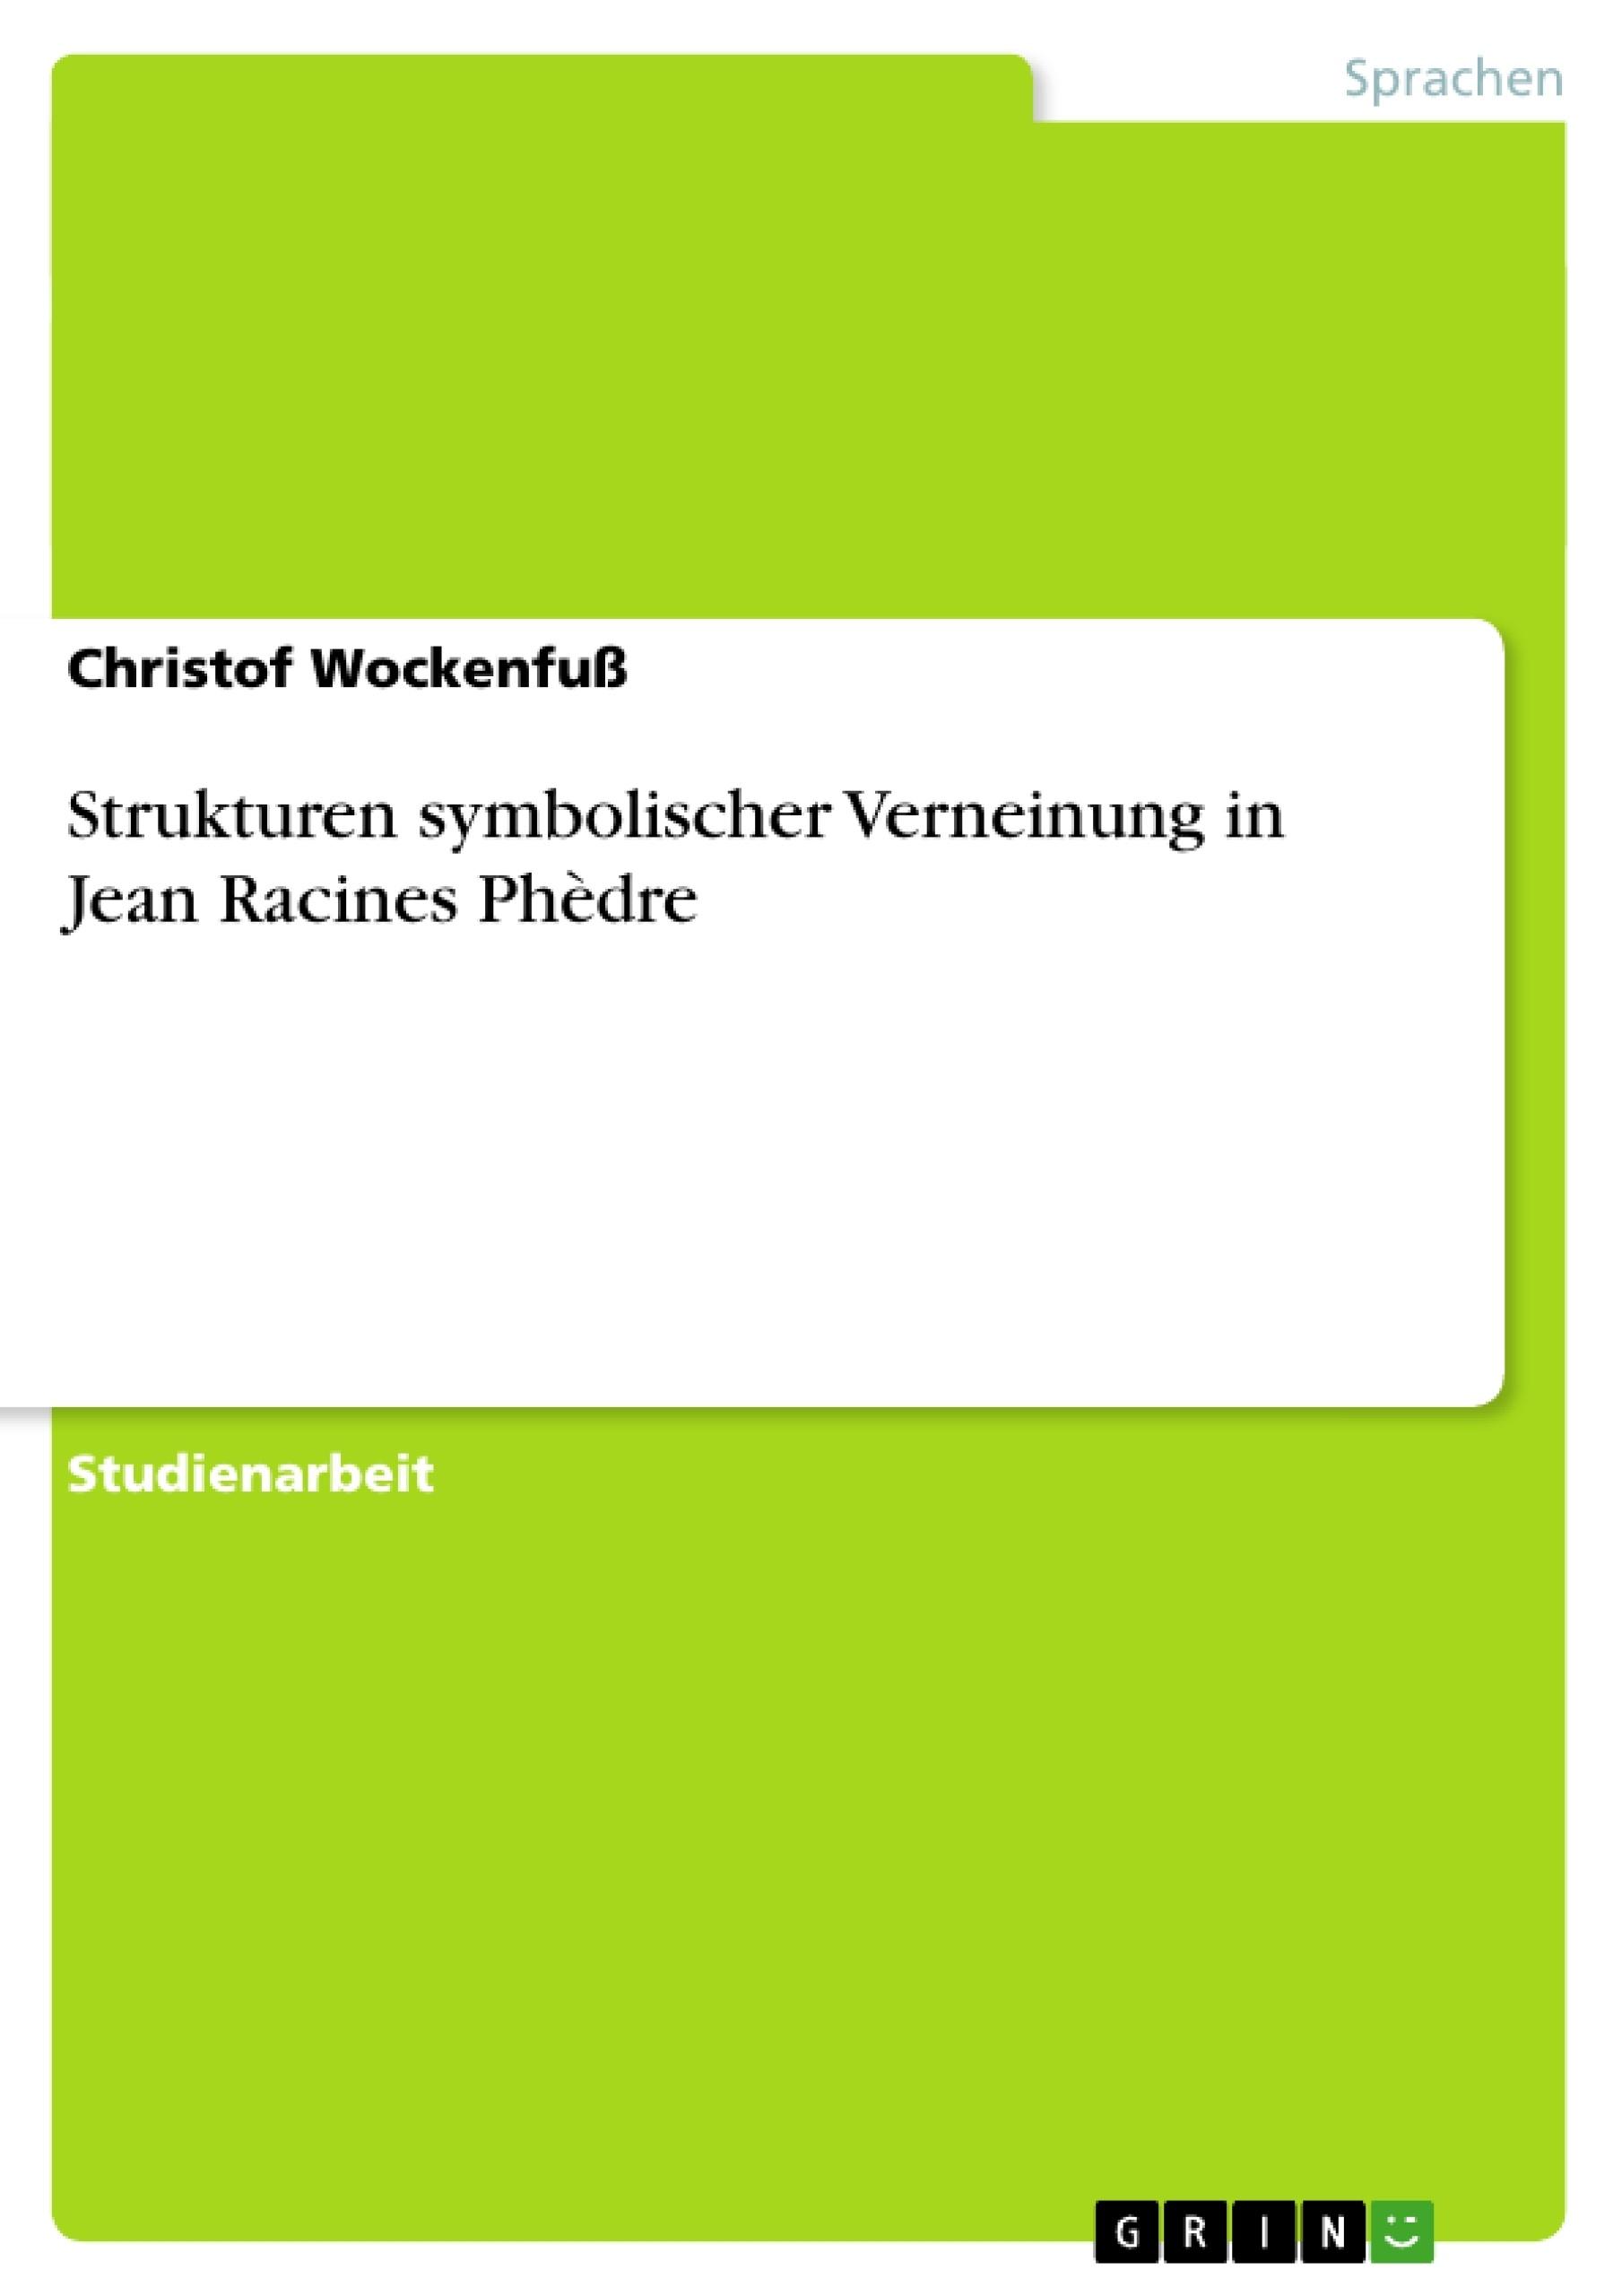 Titel: Strukturen symbolischer Verneinung in Jean Racines Phèdre